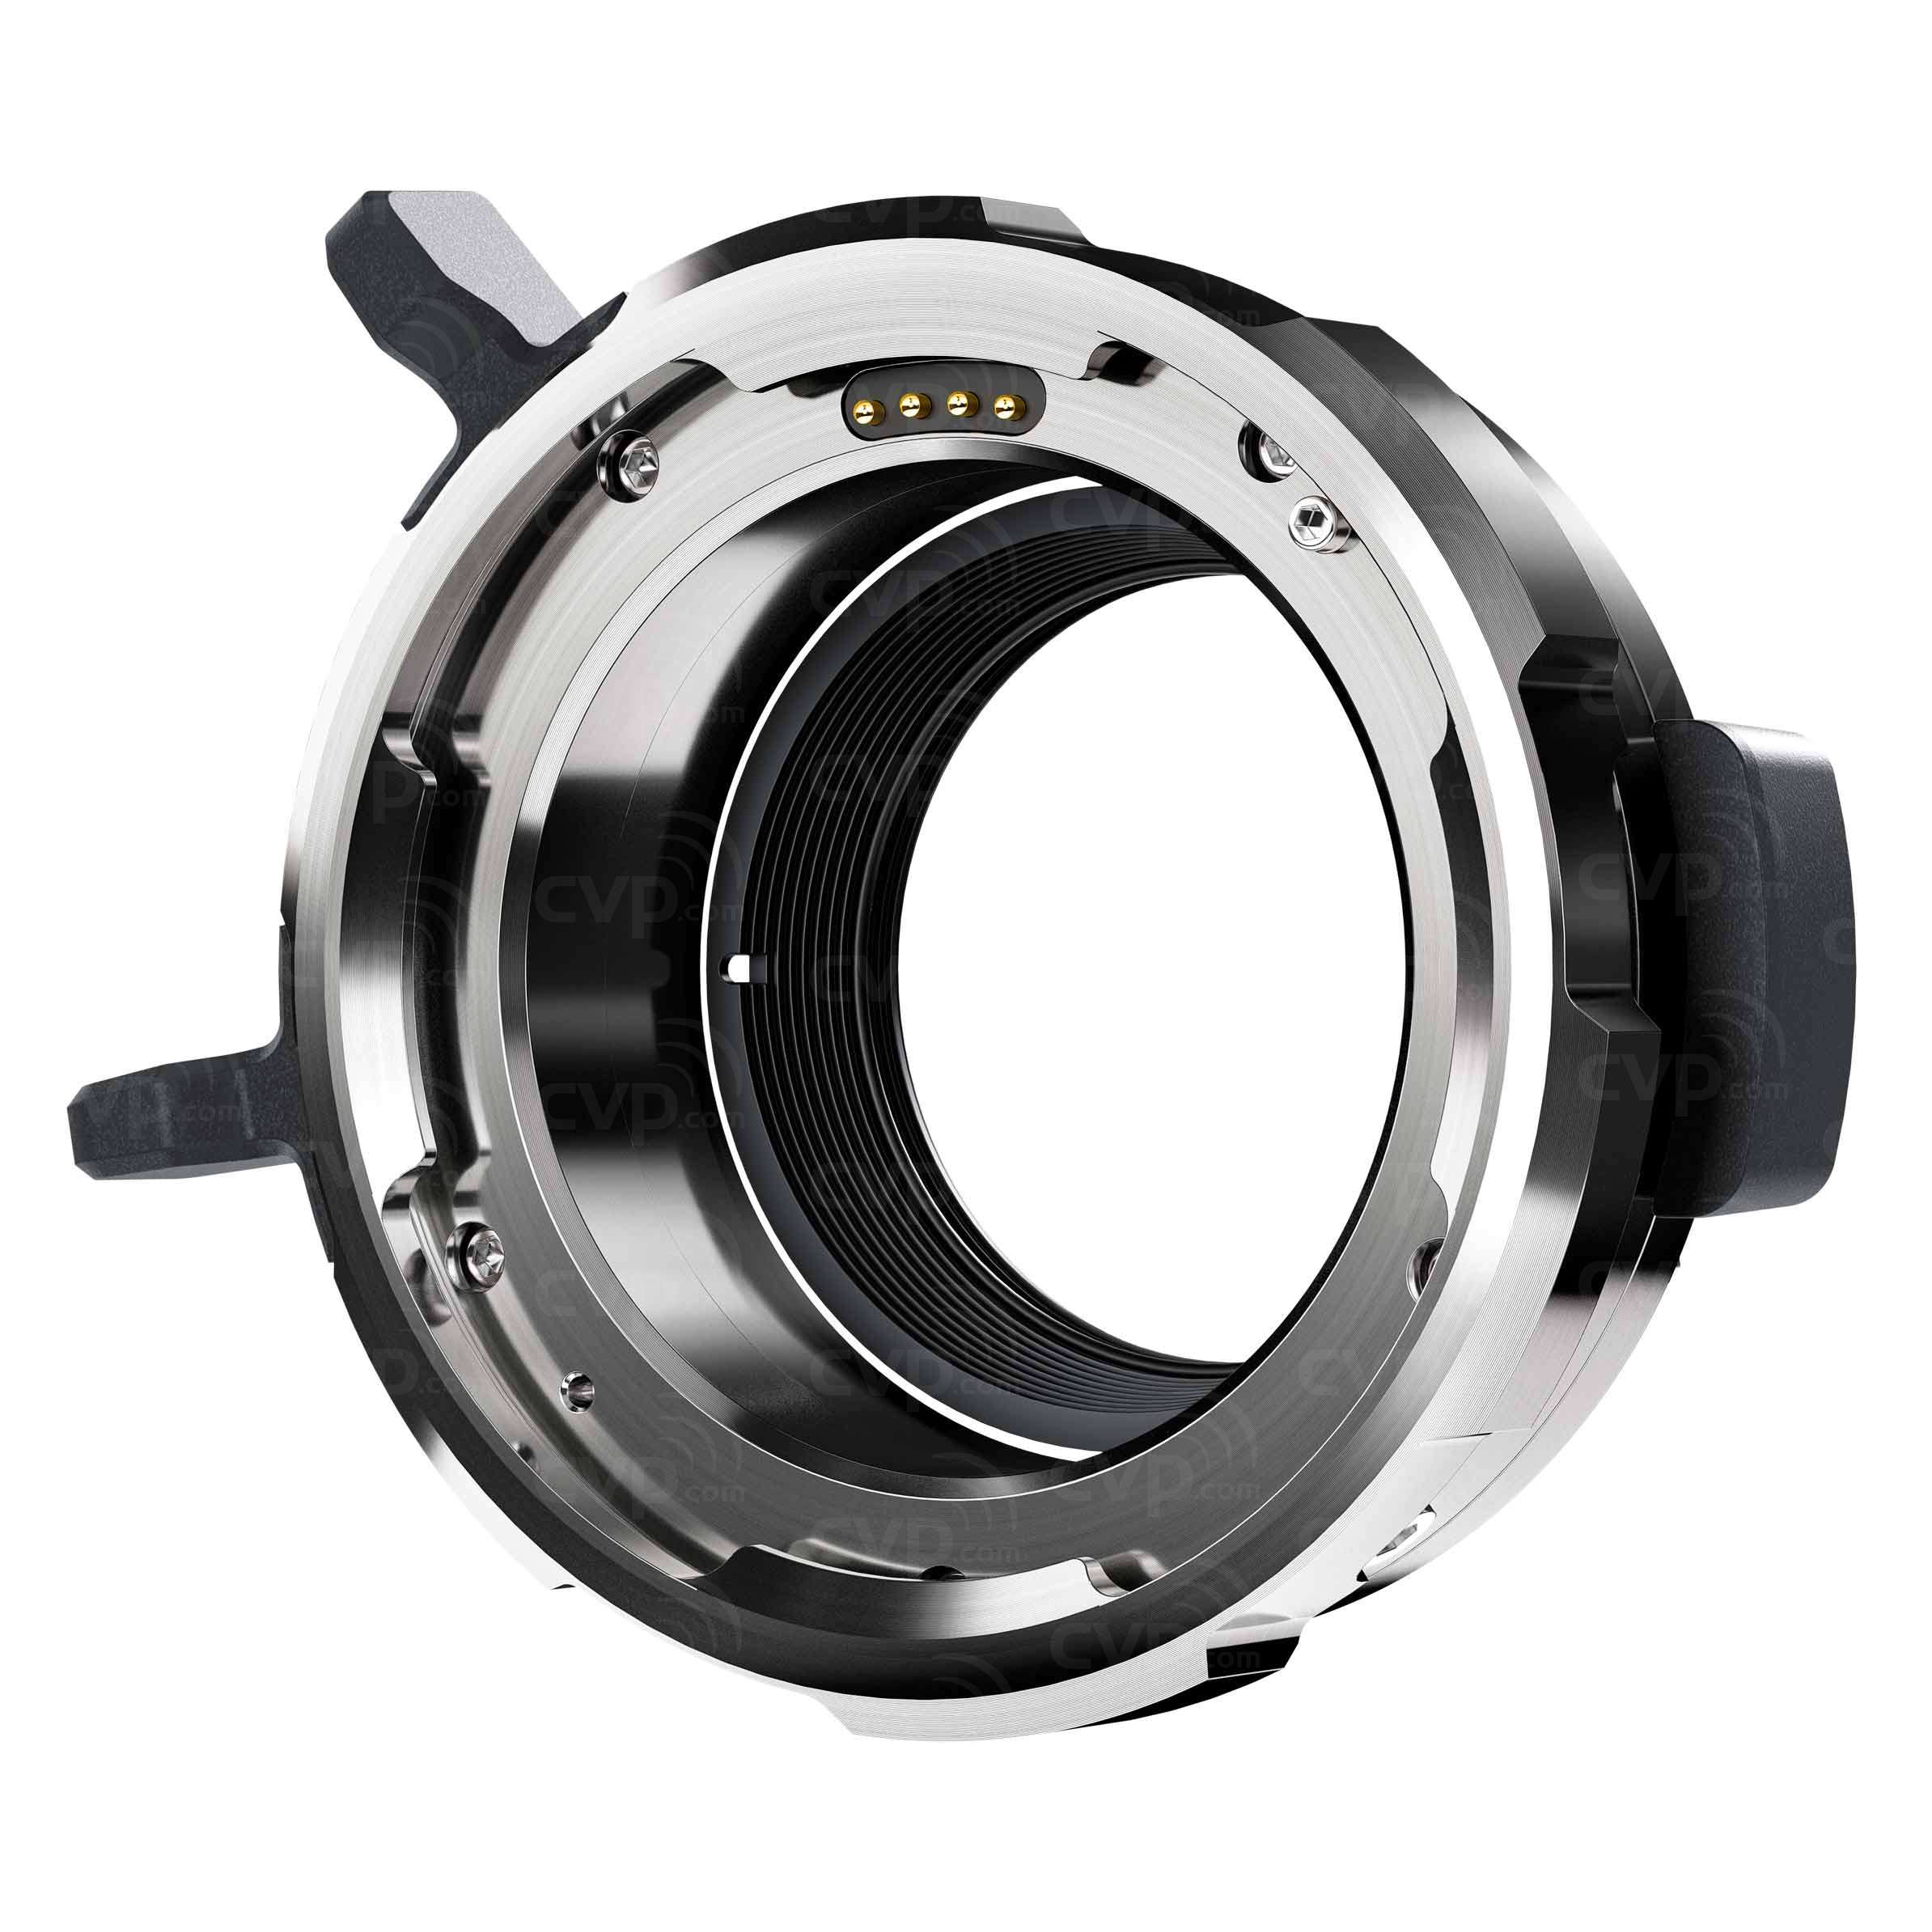 Blackmagic Design PL Mount for URSA Mini Pro Camera (p/n